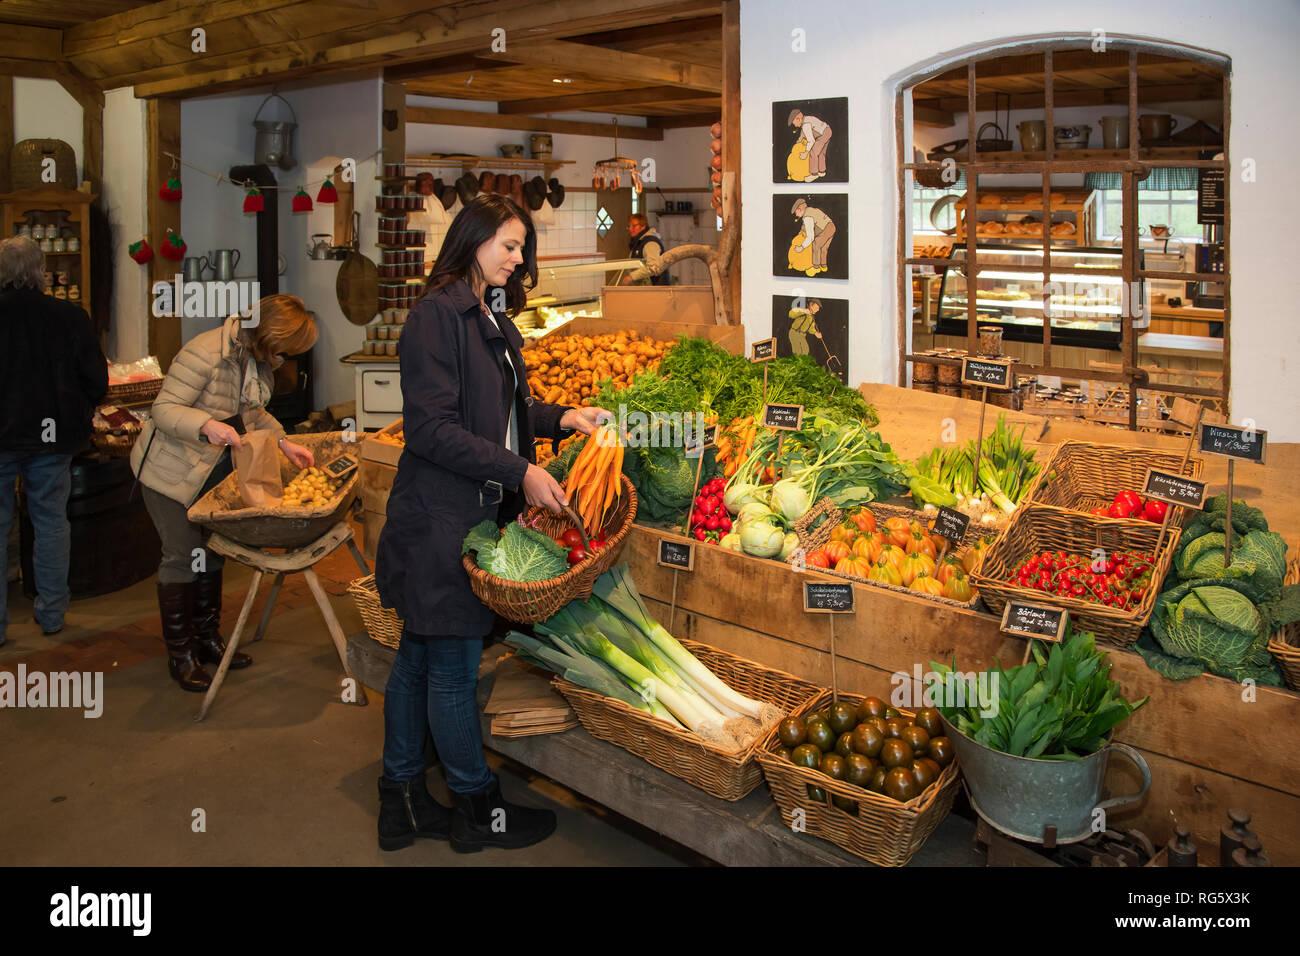 Customer buys carrots in farm shop, asparagus yard Schulte-Scherlebeck, Kundin kauft Mšhren im Hofladen, Spargelhof Schulte-Scherlebeck Stock Photo